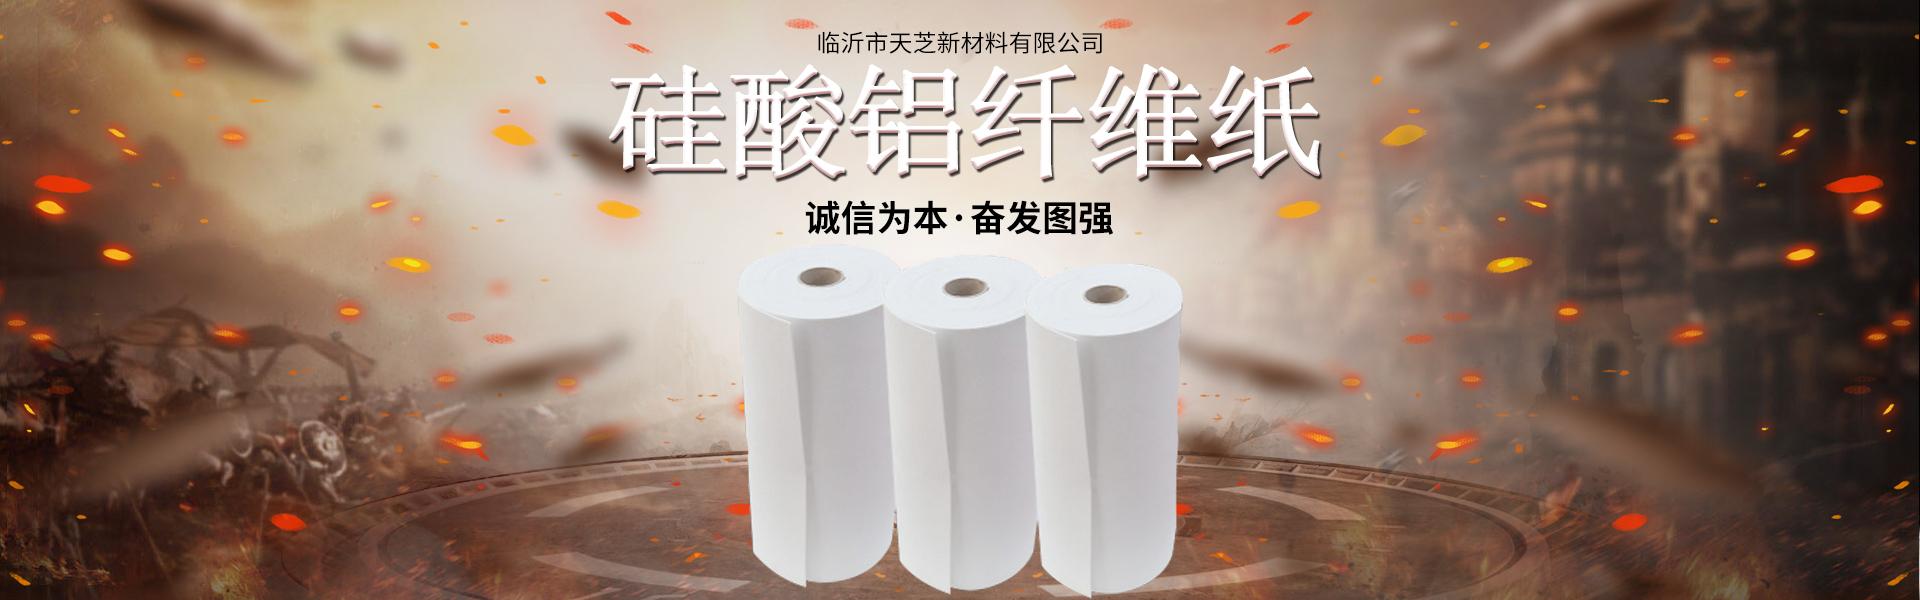 陶瓷纤维纸,硅酸铝纤维纸,耐高温隔热纸,寿毯用隔热纸